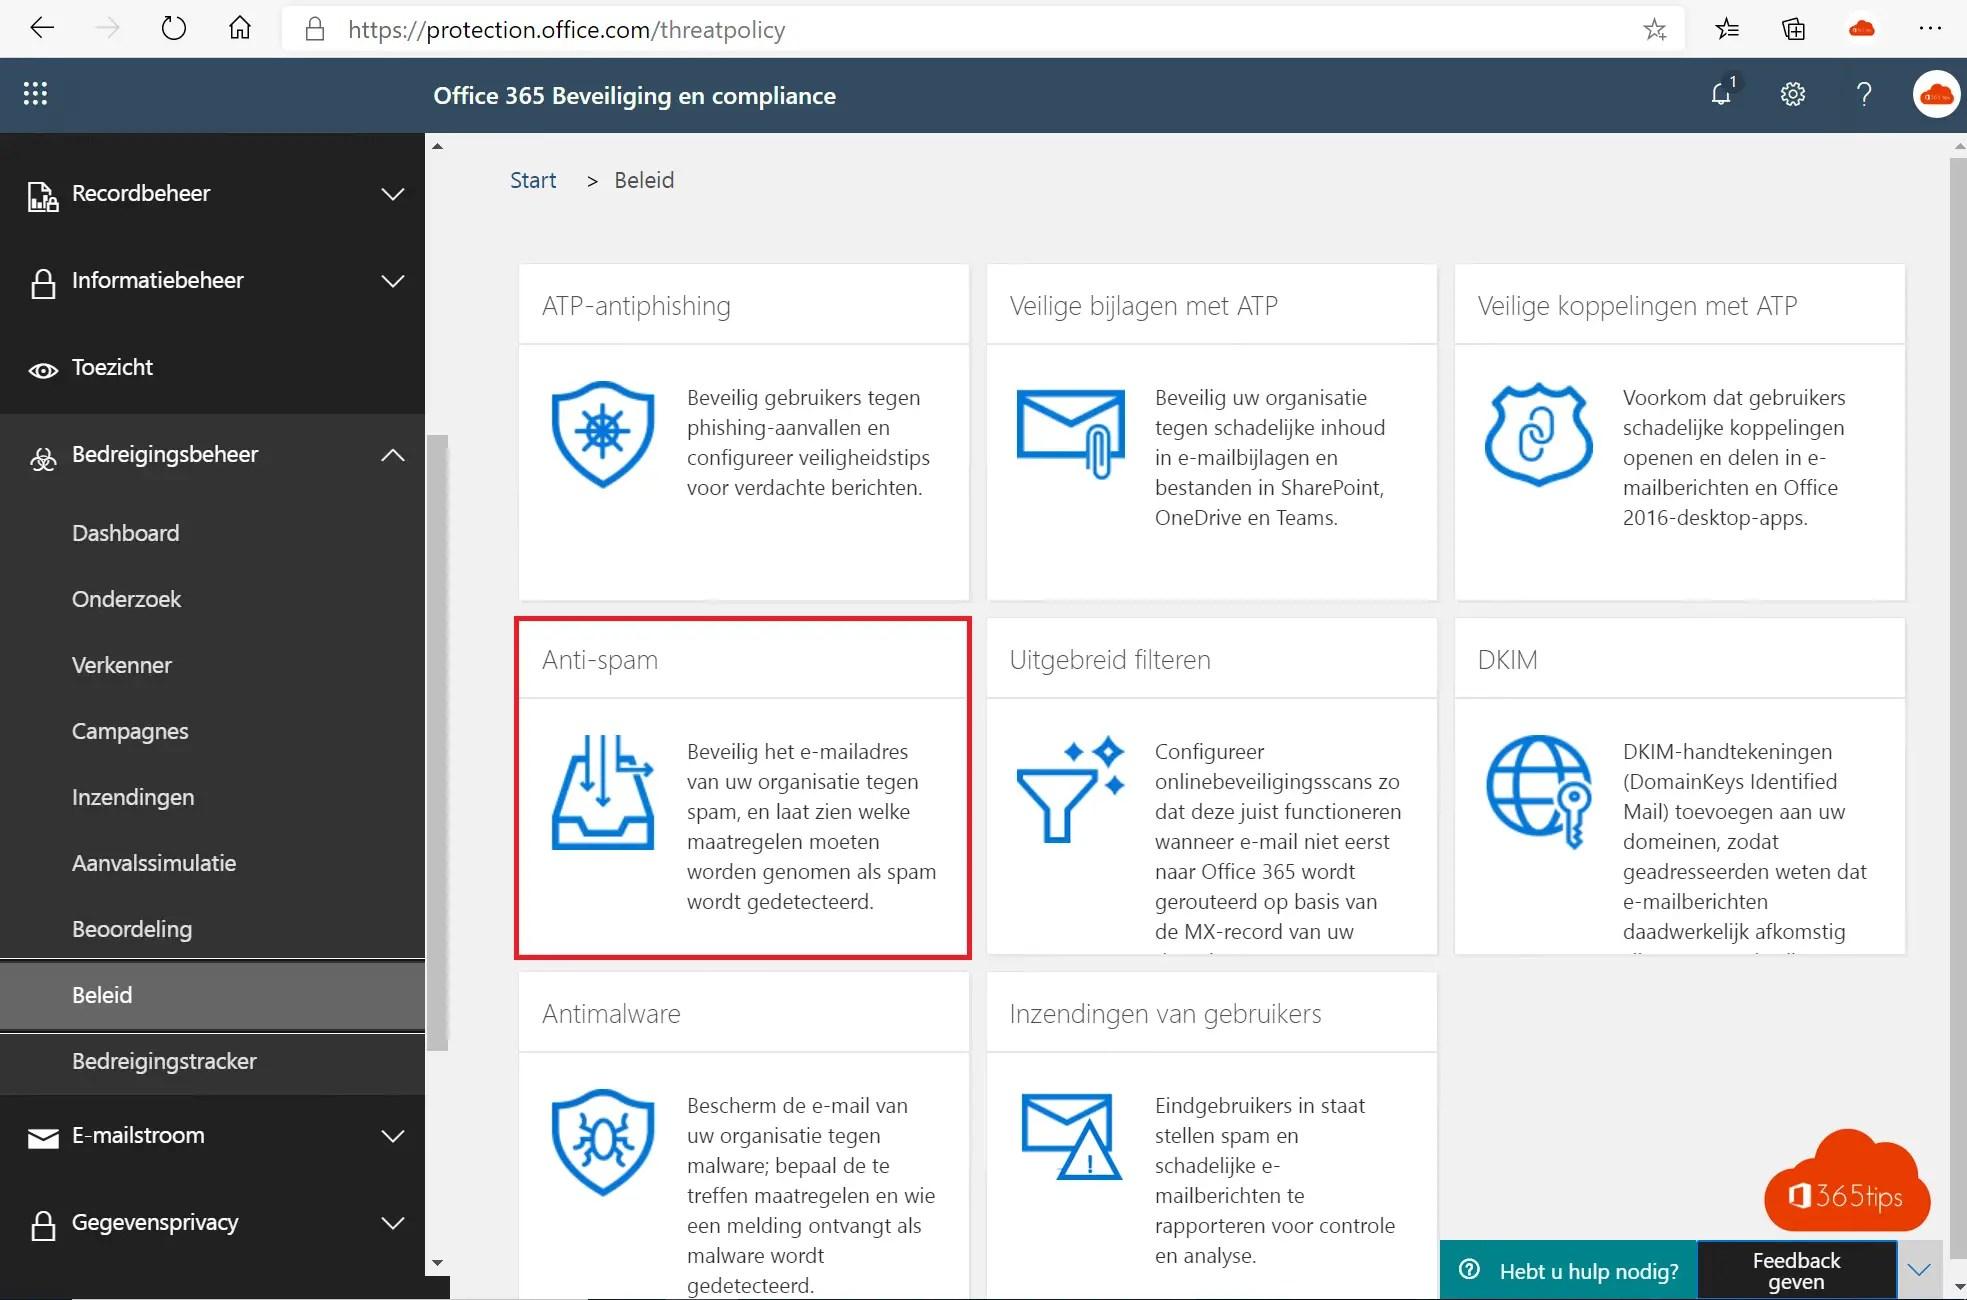 Blokkeer alle uitgaande e-mail met beleidsregels